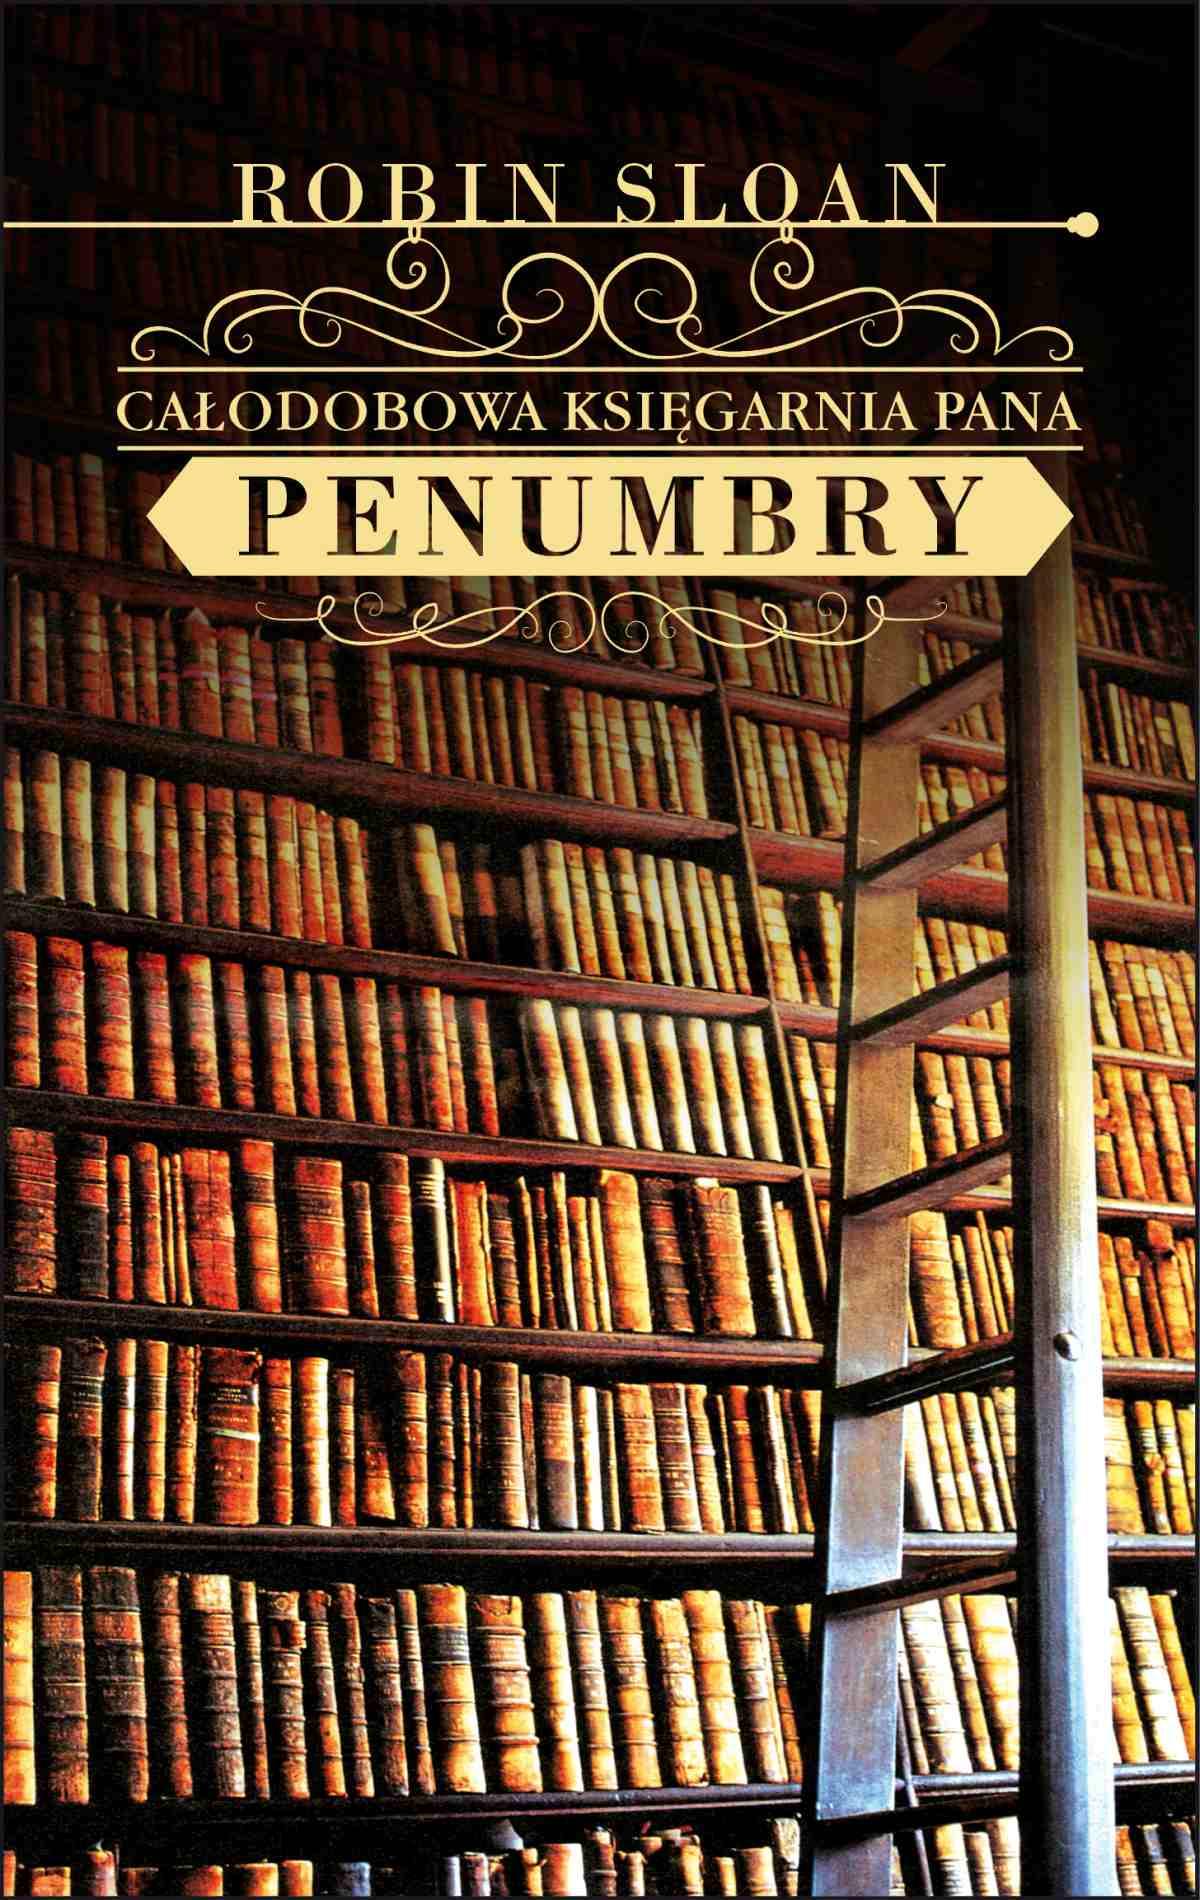 Całodobowa księgarnia Pana Penumbry - Ebook (Książka na Kindle) do pobrania w formacie MOBI